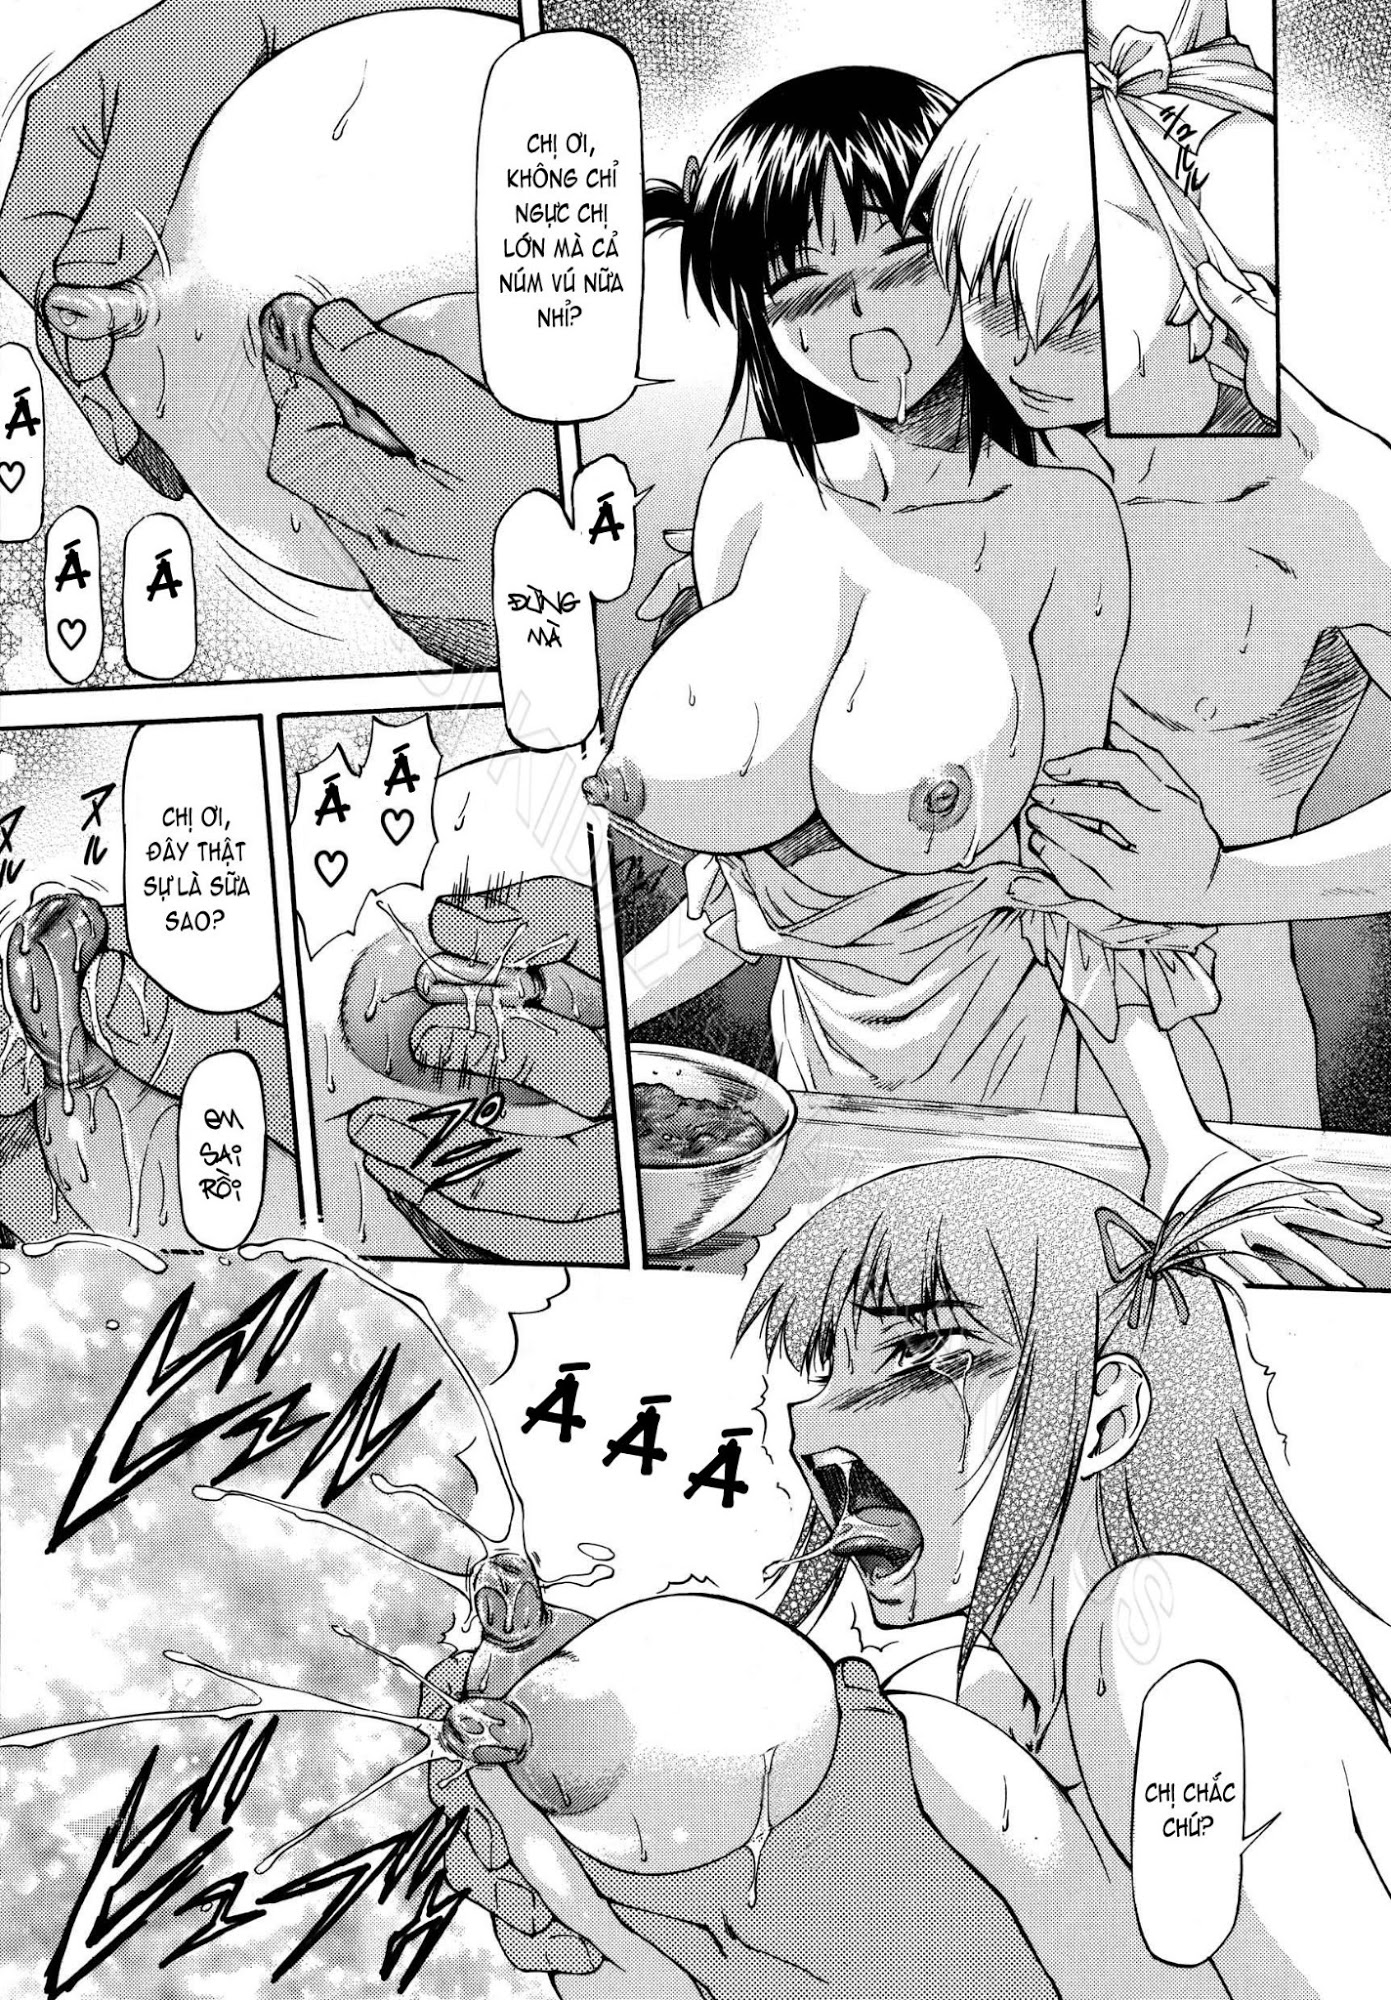 Hình ảnh Hinh_012 trong bài viết Truyện tranh hentai không che: Parabellum